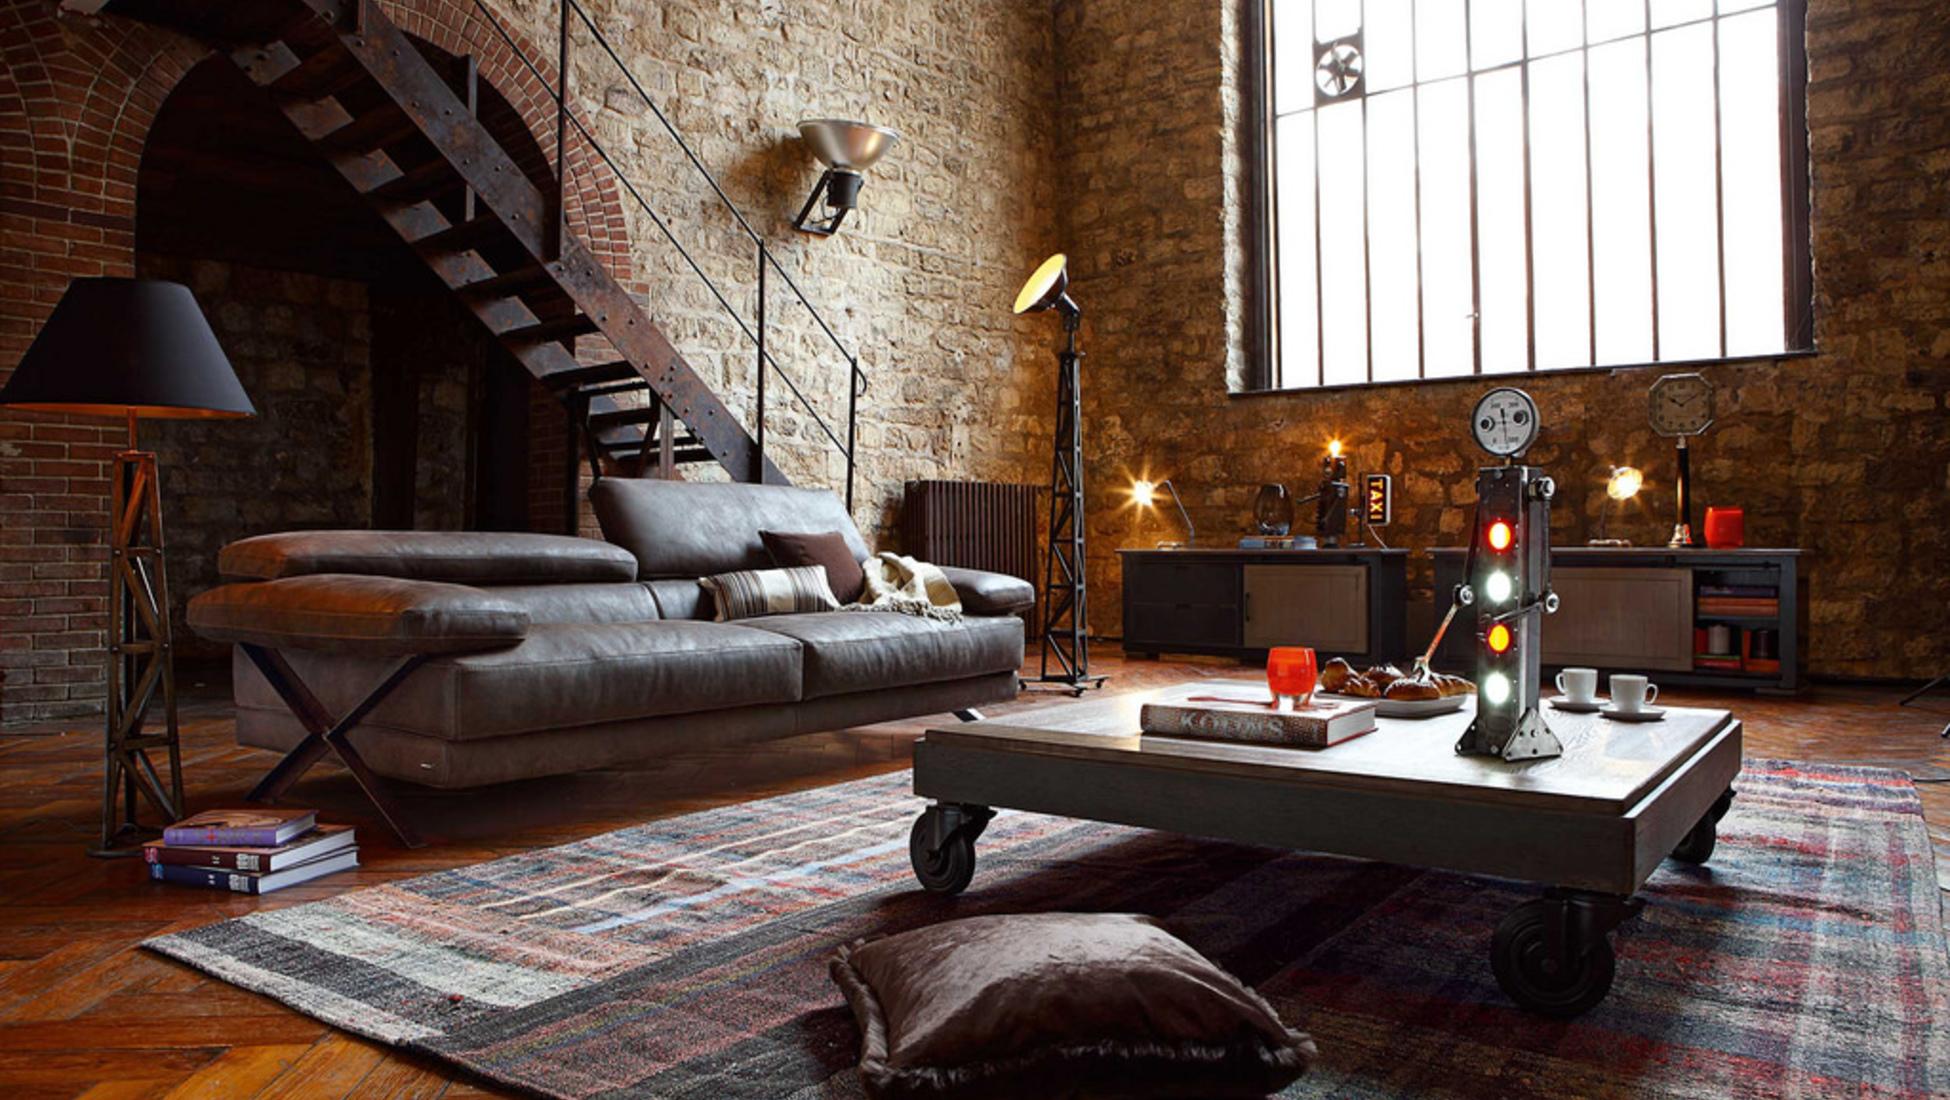 Cinque oggetti per creare un look industriale a casa vostra - Catawiki